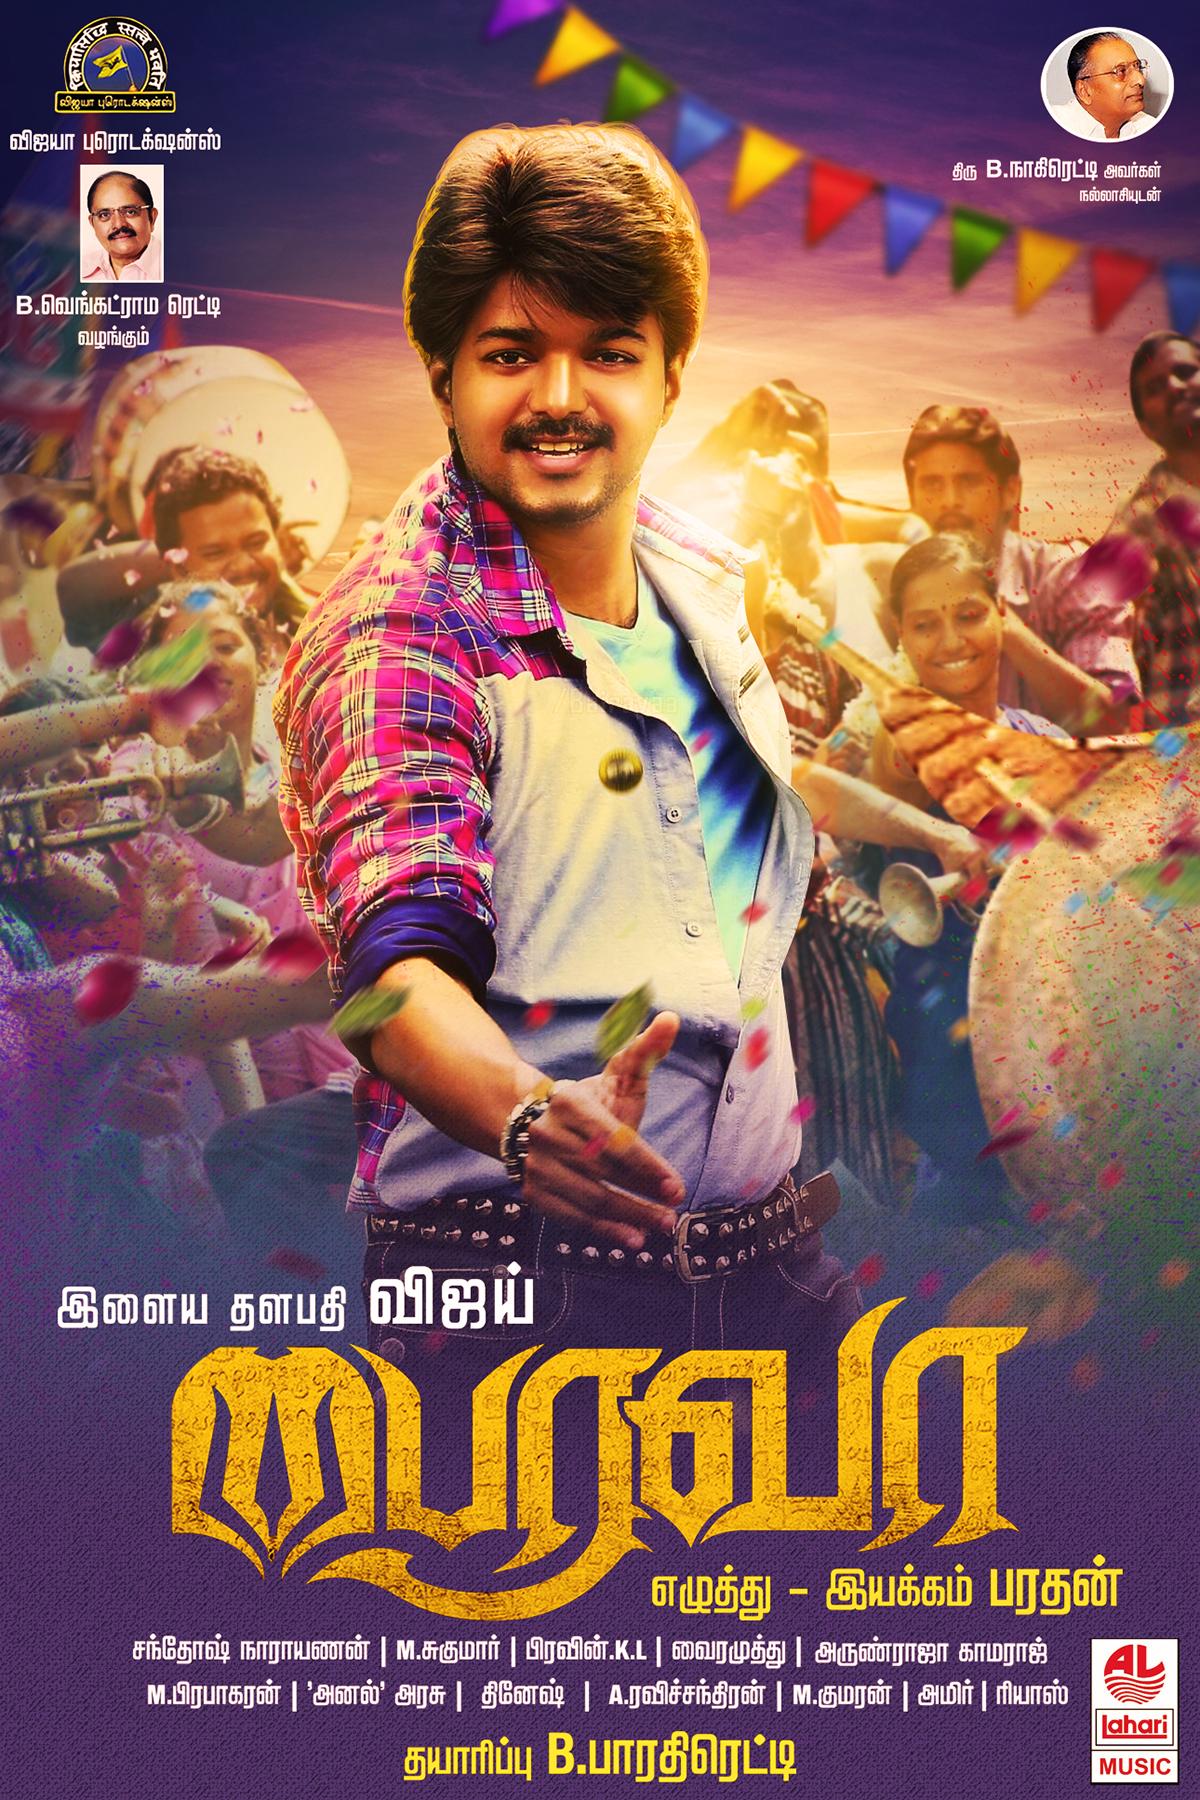 Bairavaa poster work on Behance